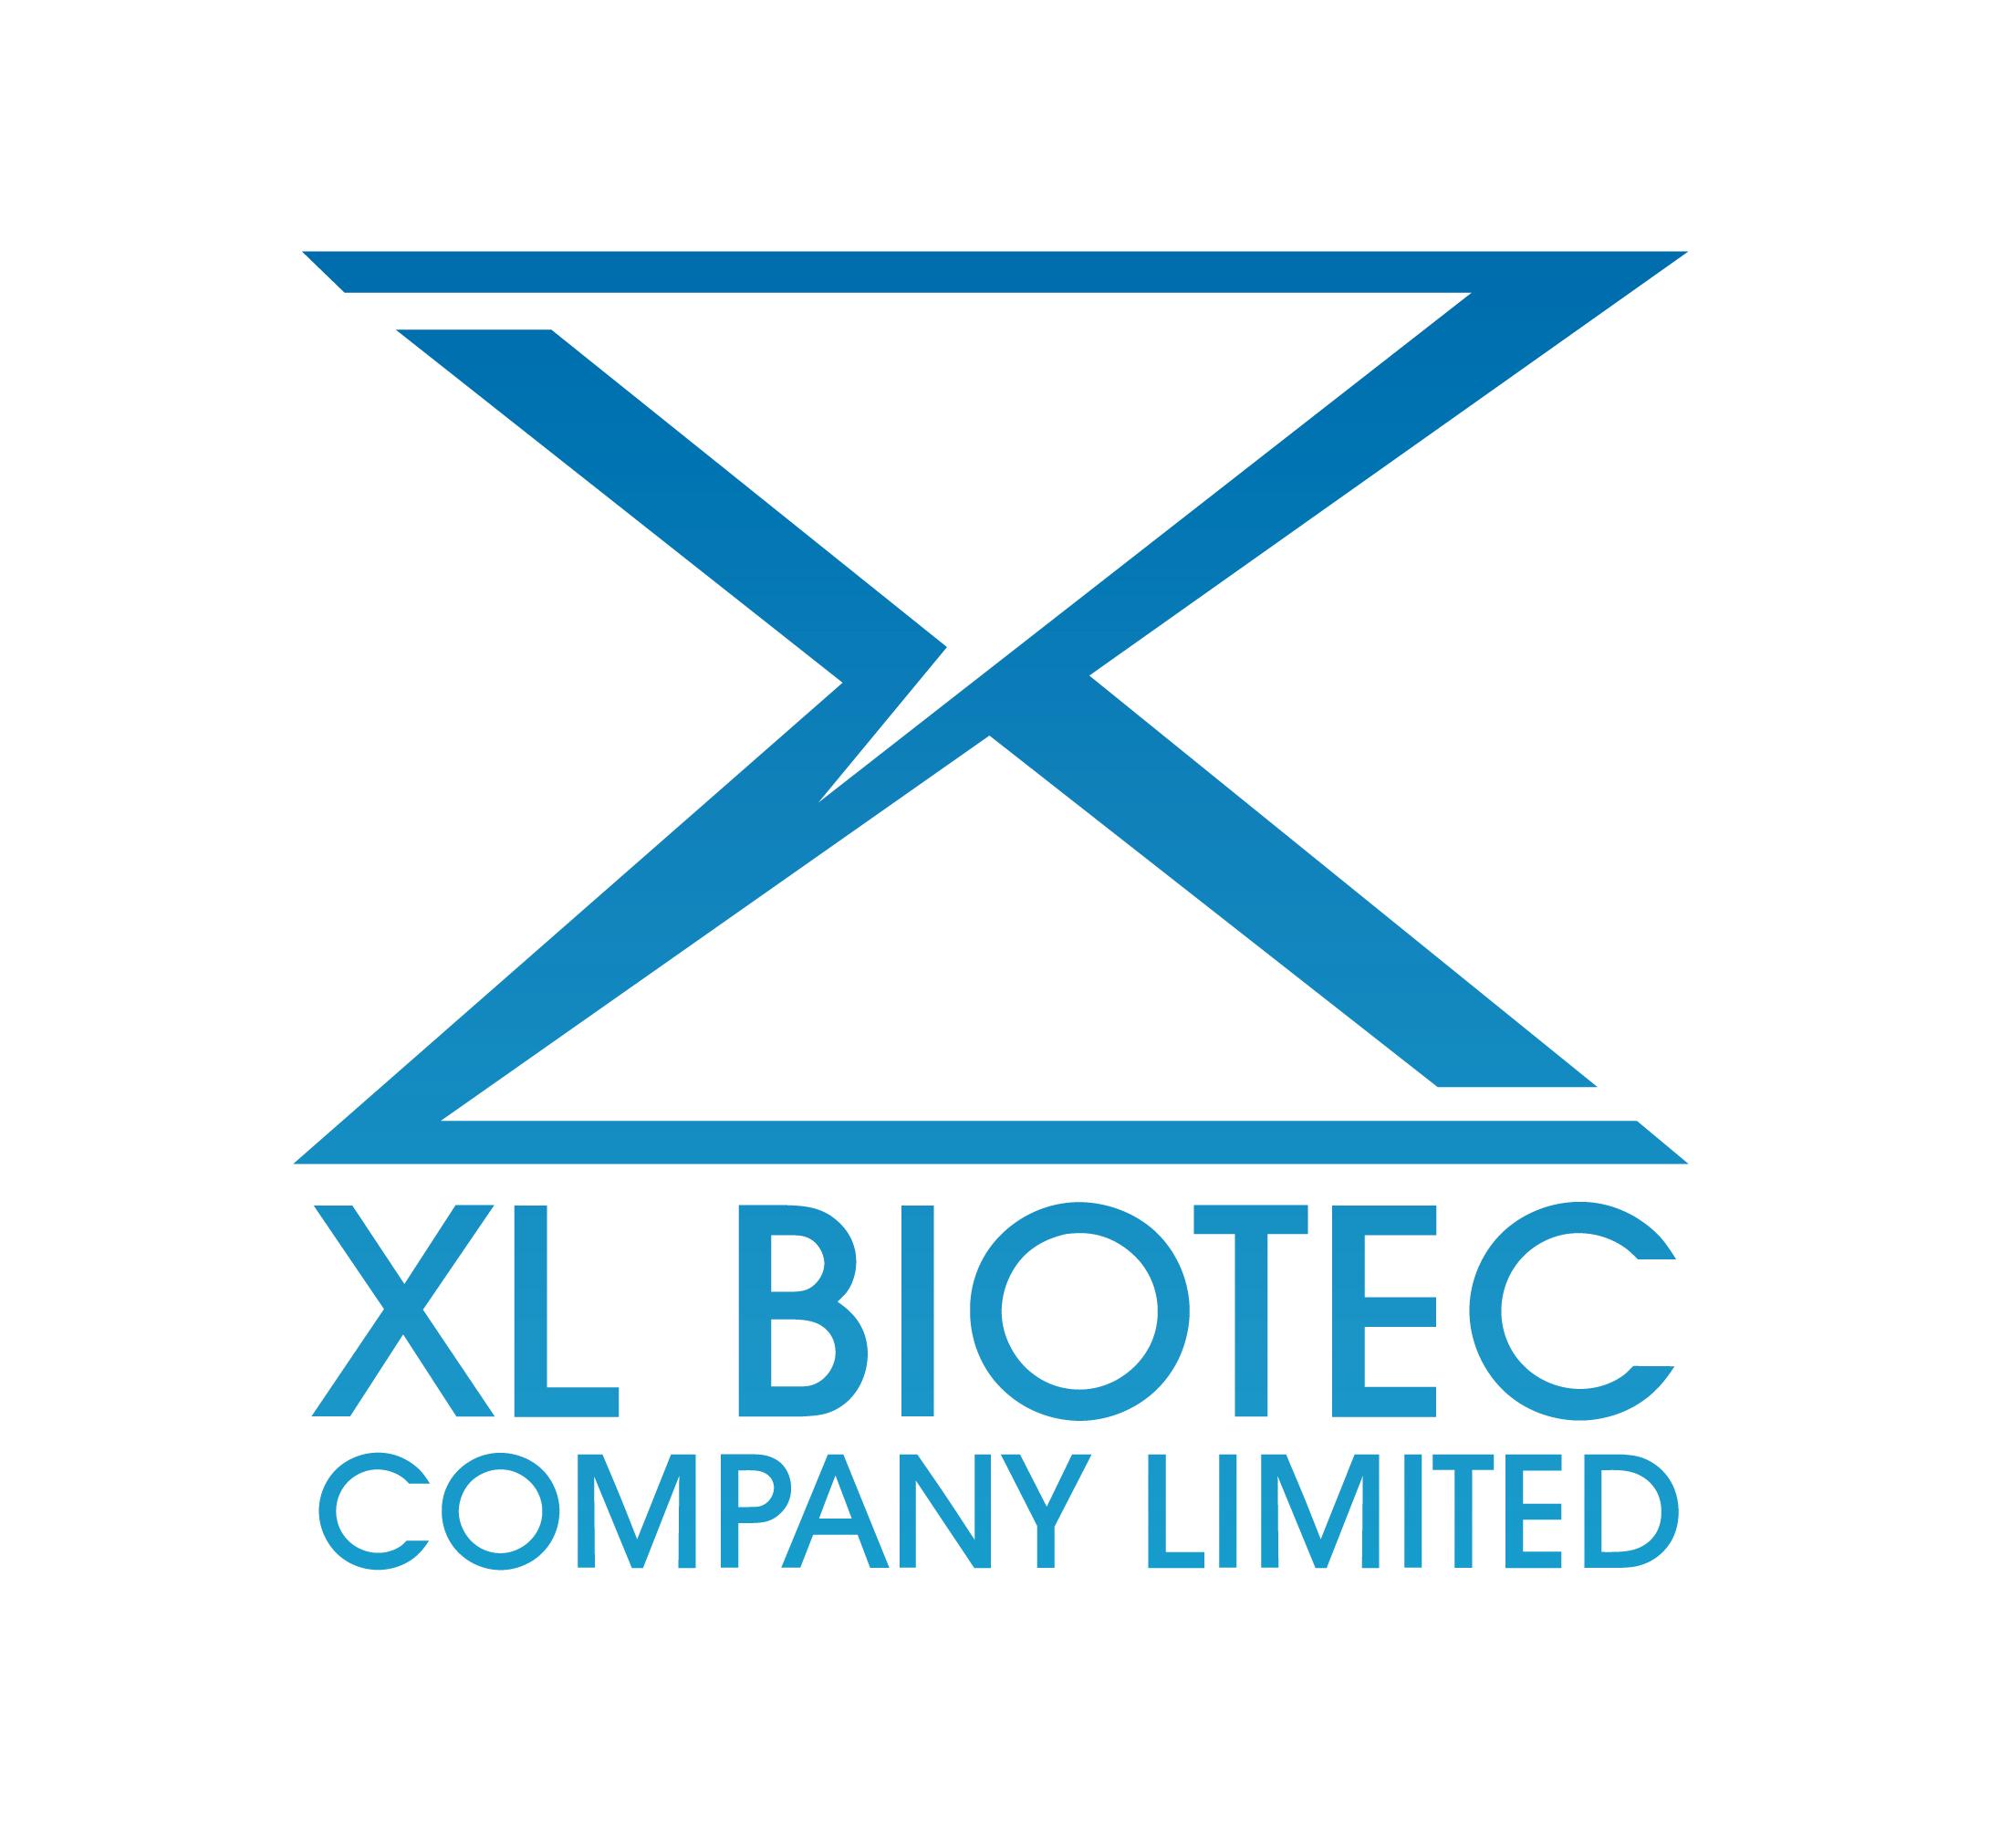 XL Biotec 4BioDx Partners